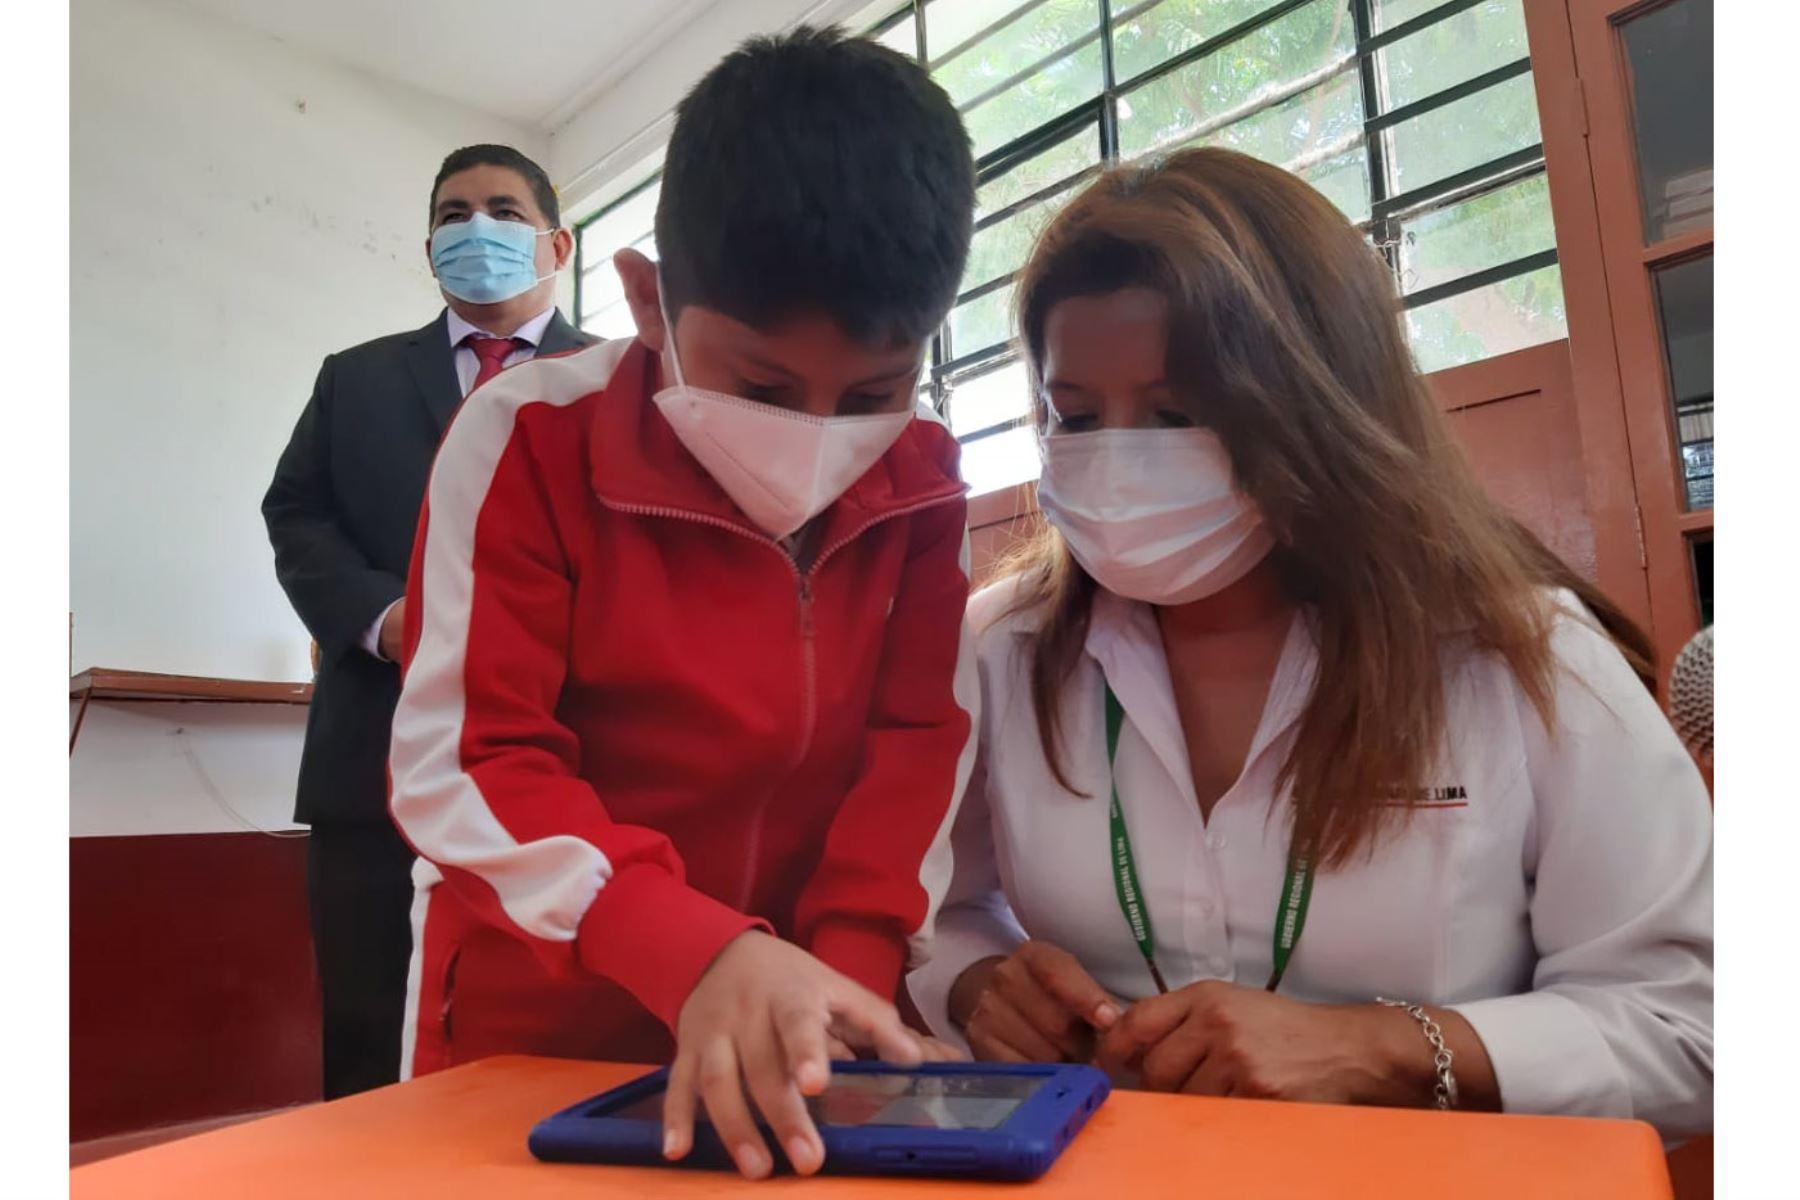 El ministro de Educación, Ricardo Cuenca, participó en la entrega de tablets a estudiantes de la institución educativa N° 20123 del centro poblado de Asia, en la provincia limeña de Cañete. Foto: Facebook Juan Michuy